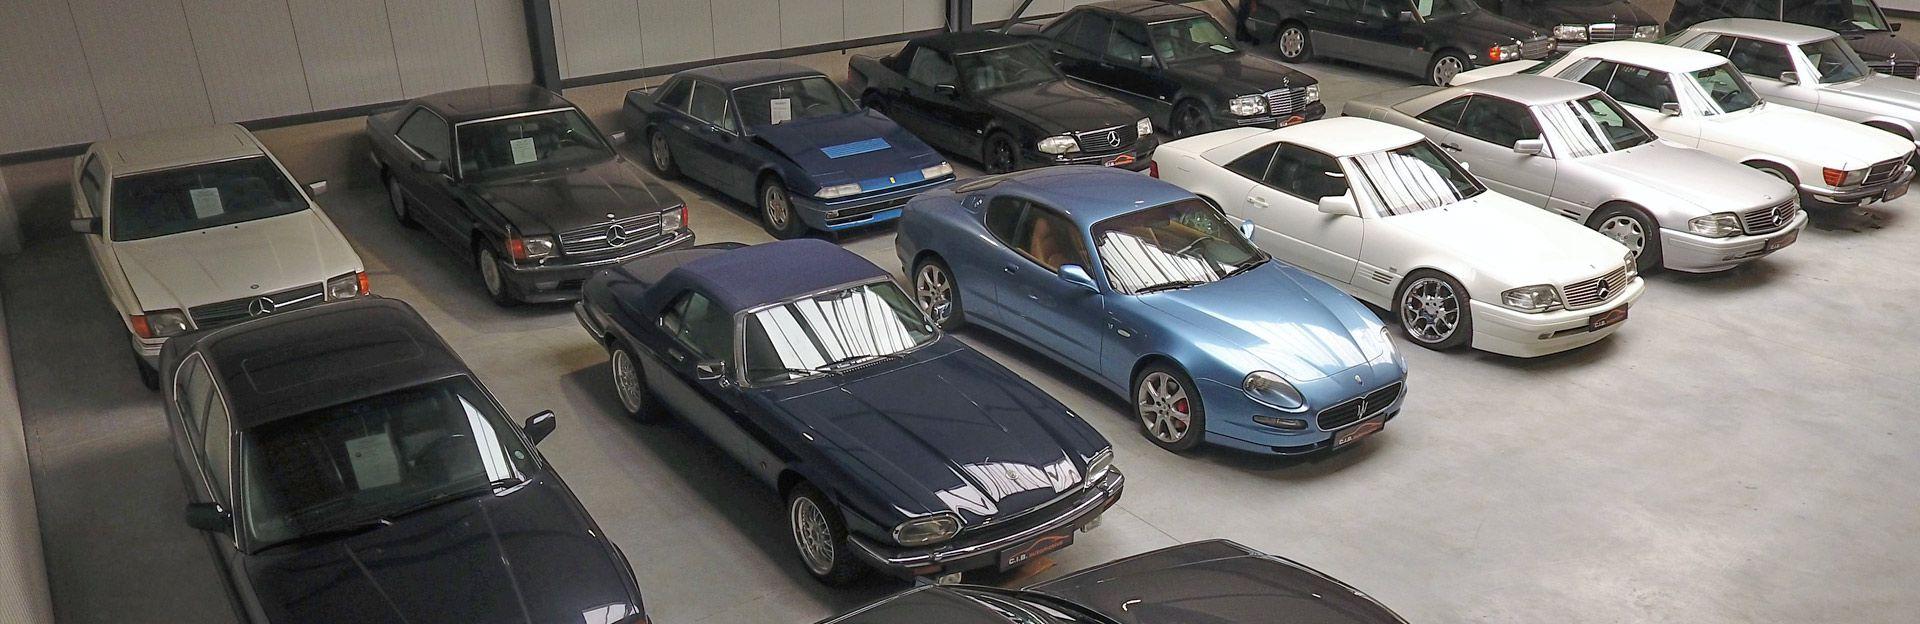 tweedehands auto s in belgie